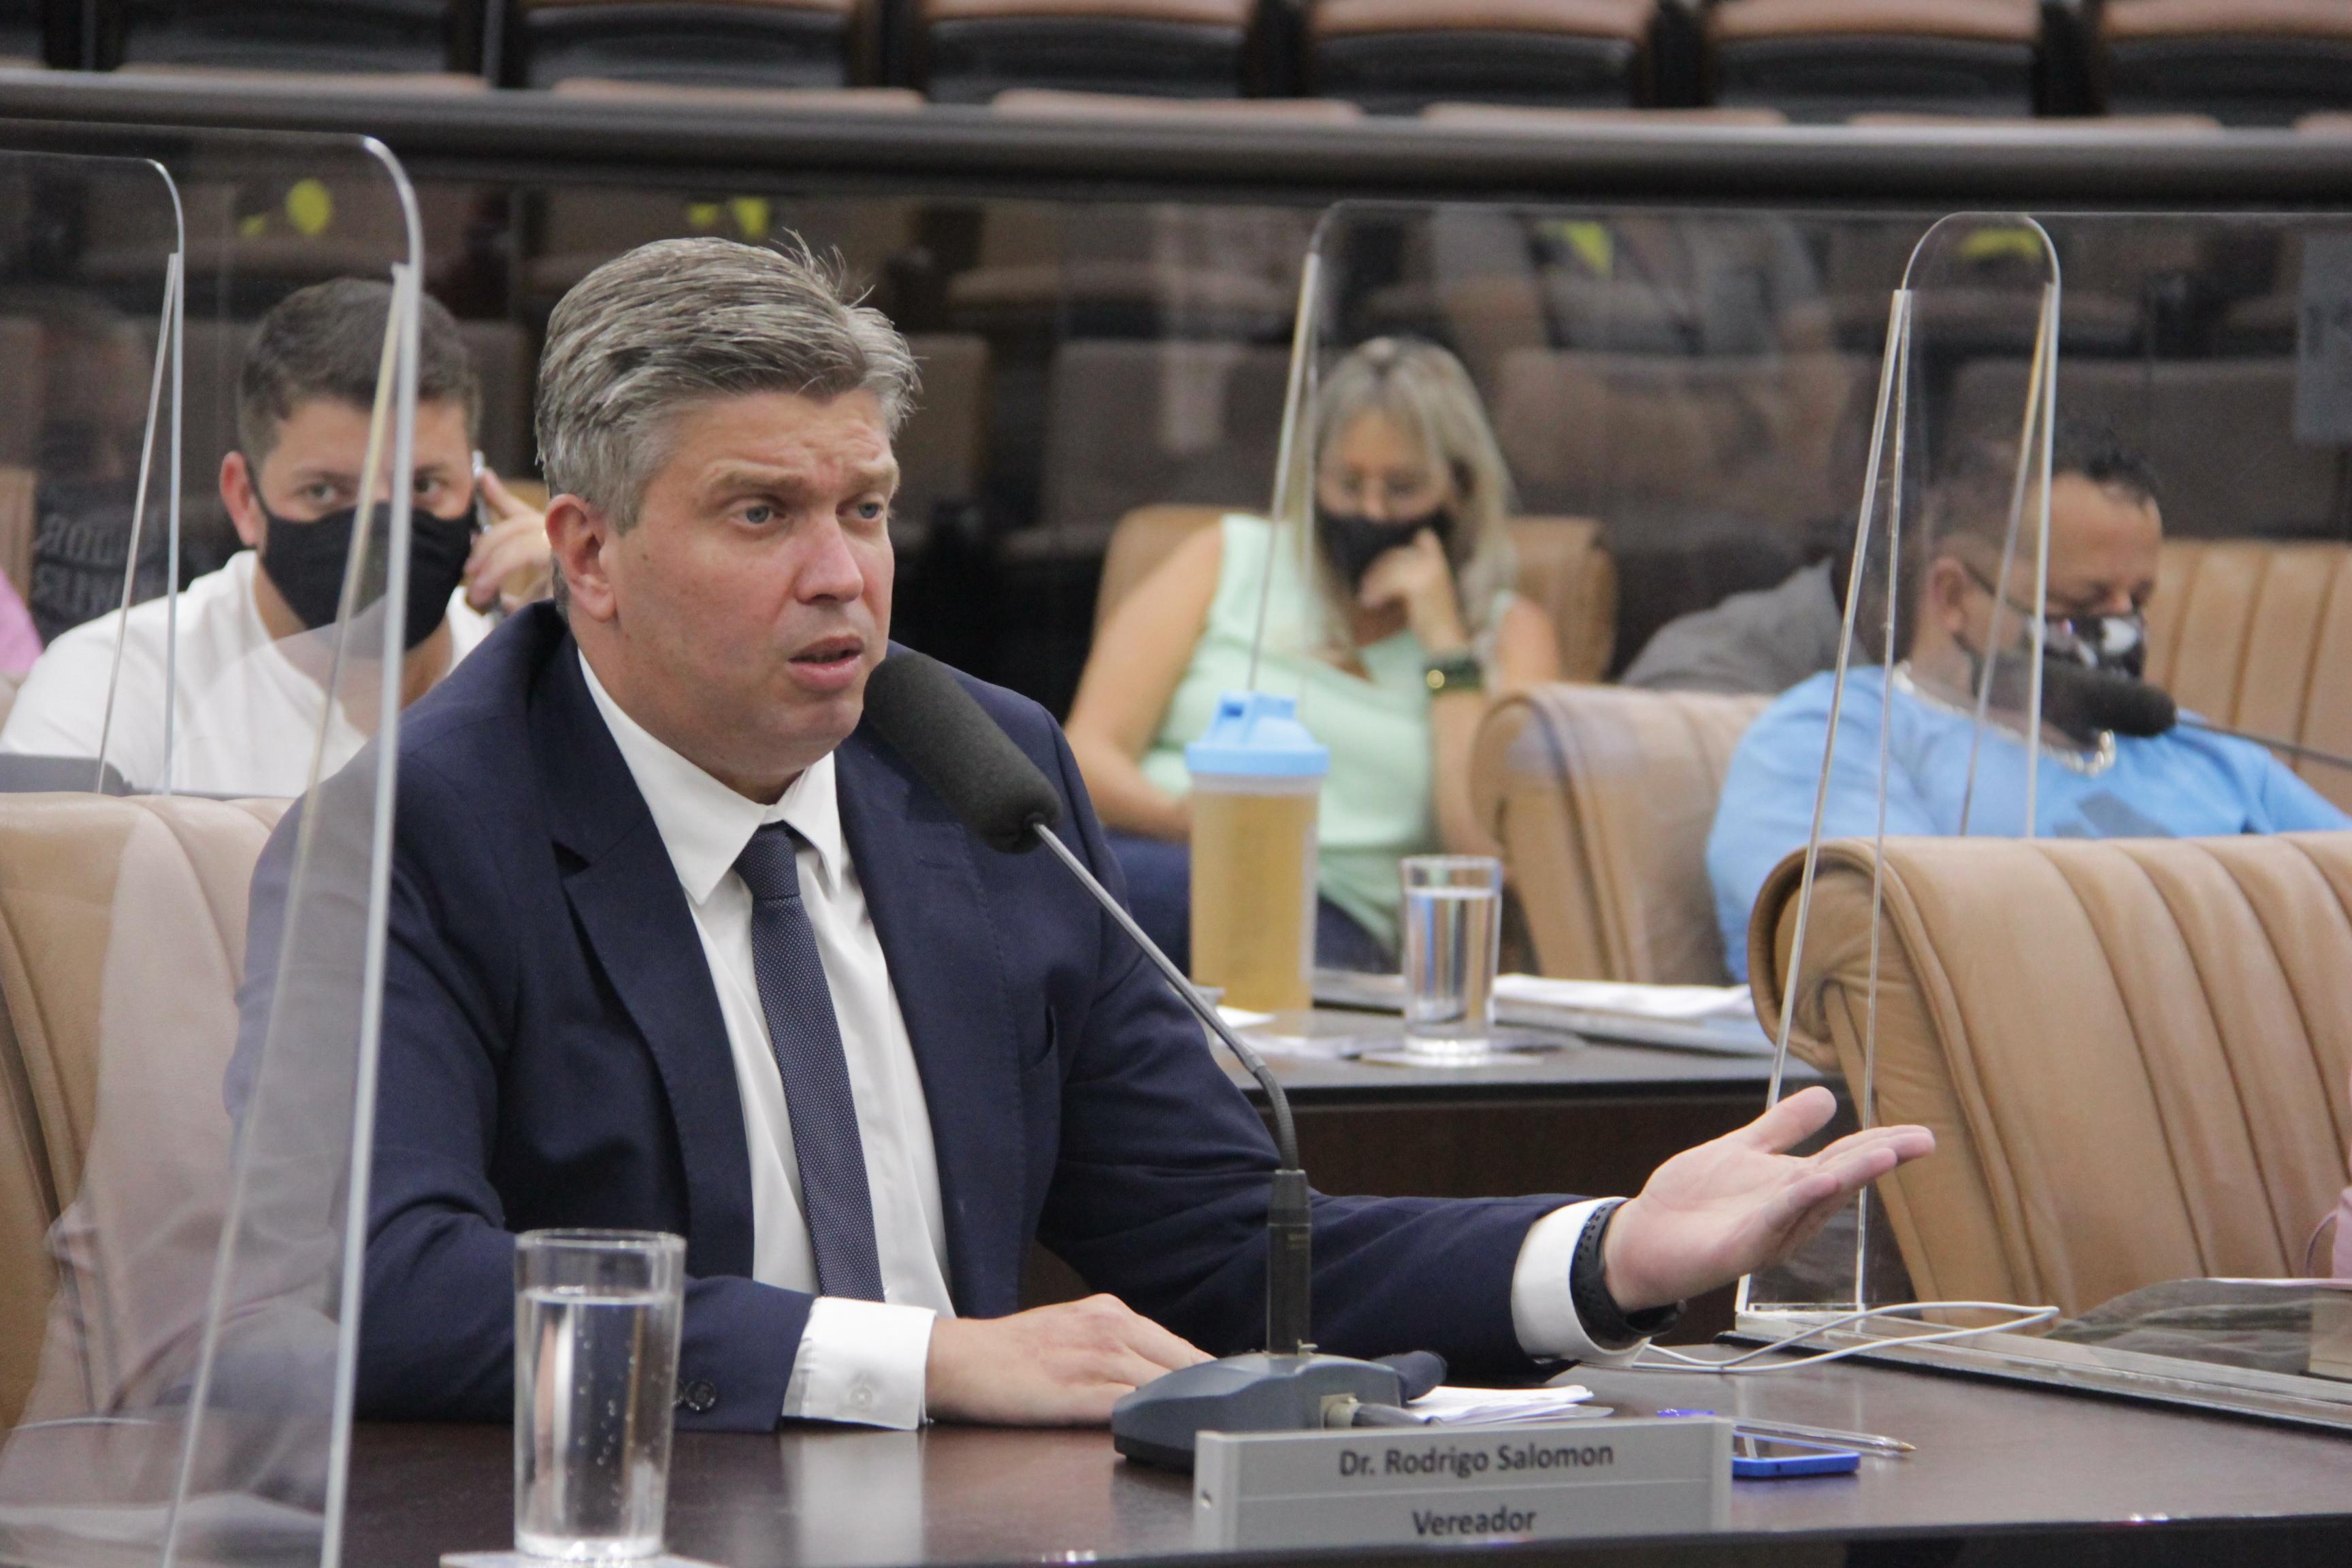 Vereador questiona gestão da Caminhos de Damasco nas UPA de Jacareí